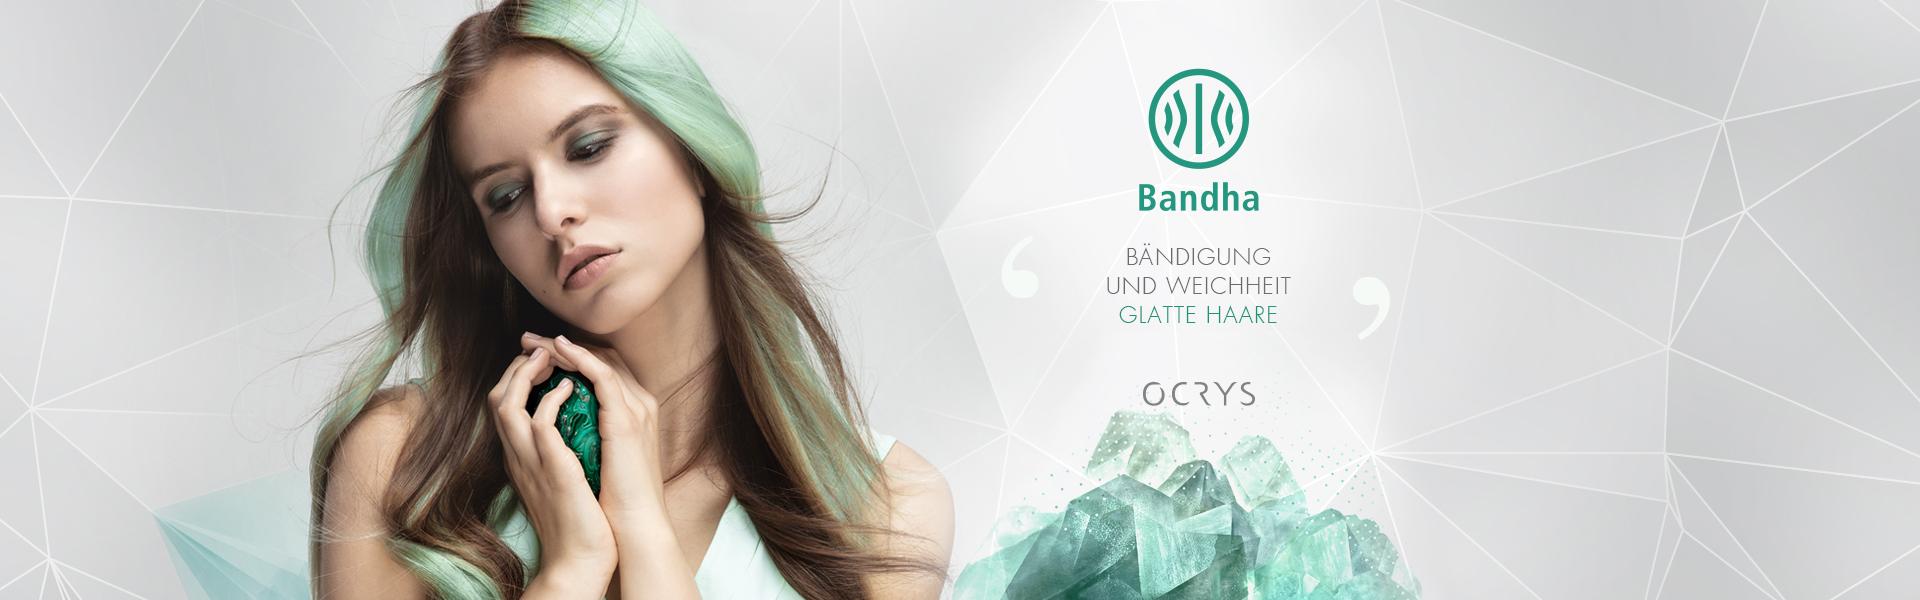 banner_centrali_BANDHA_DE